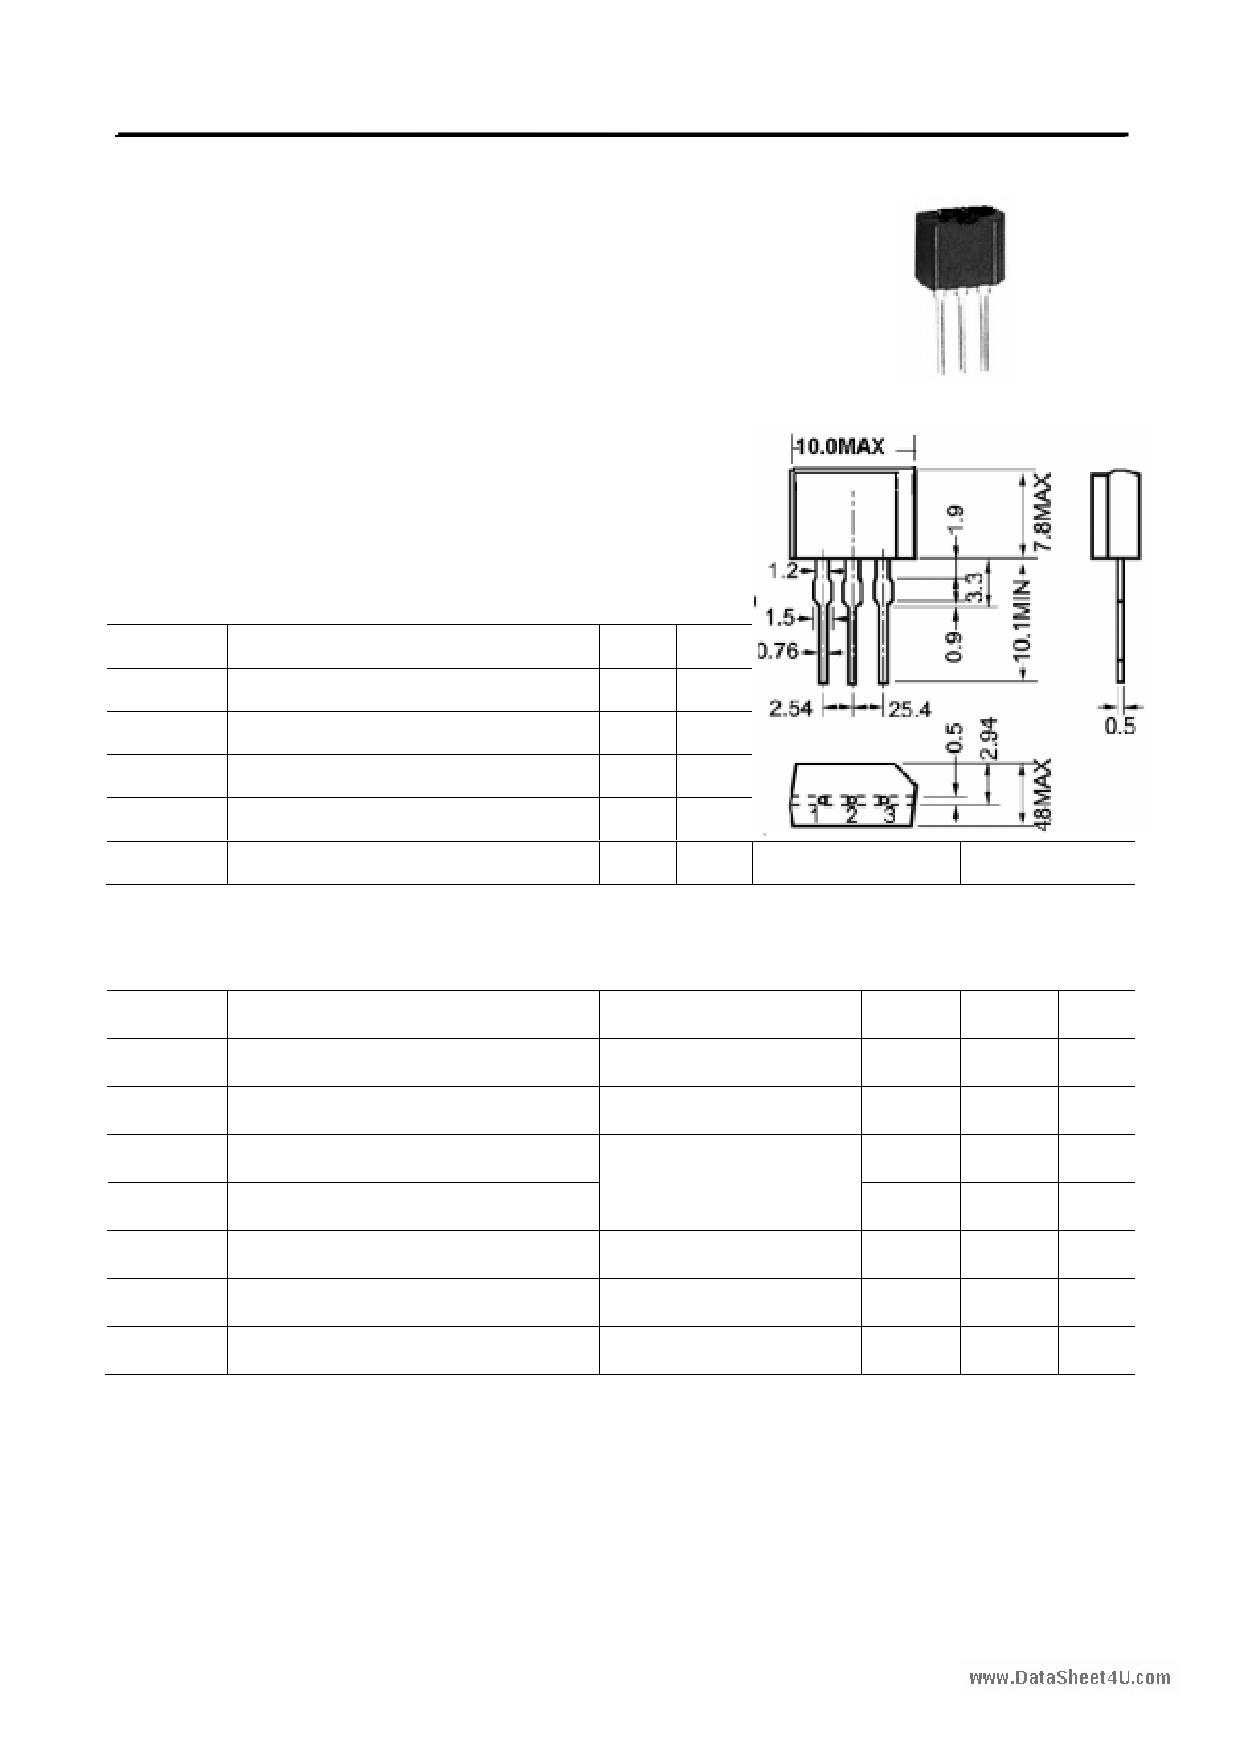 X0405MF datasheet